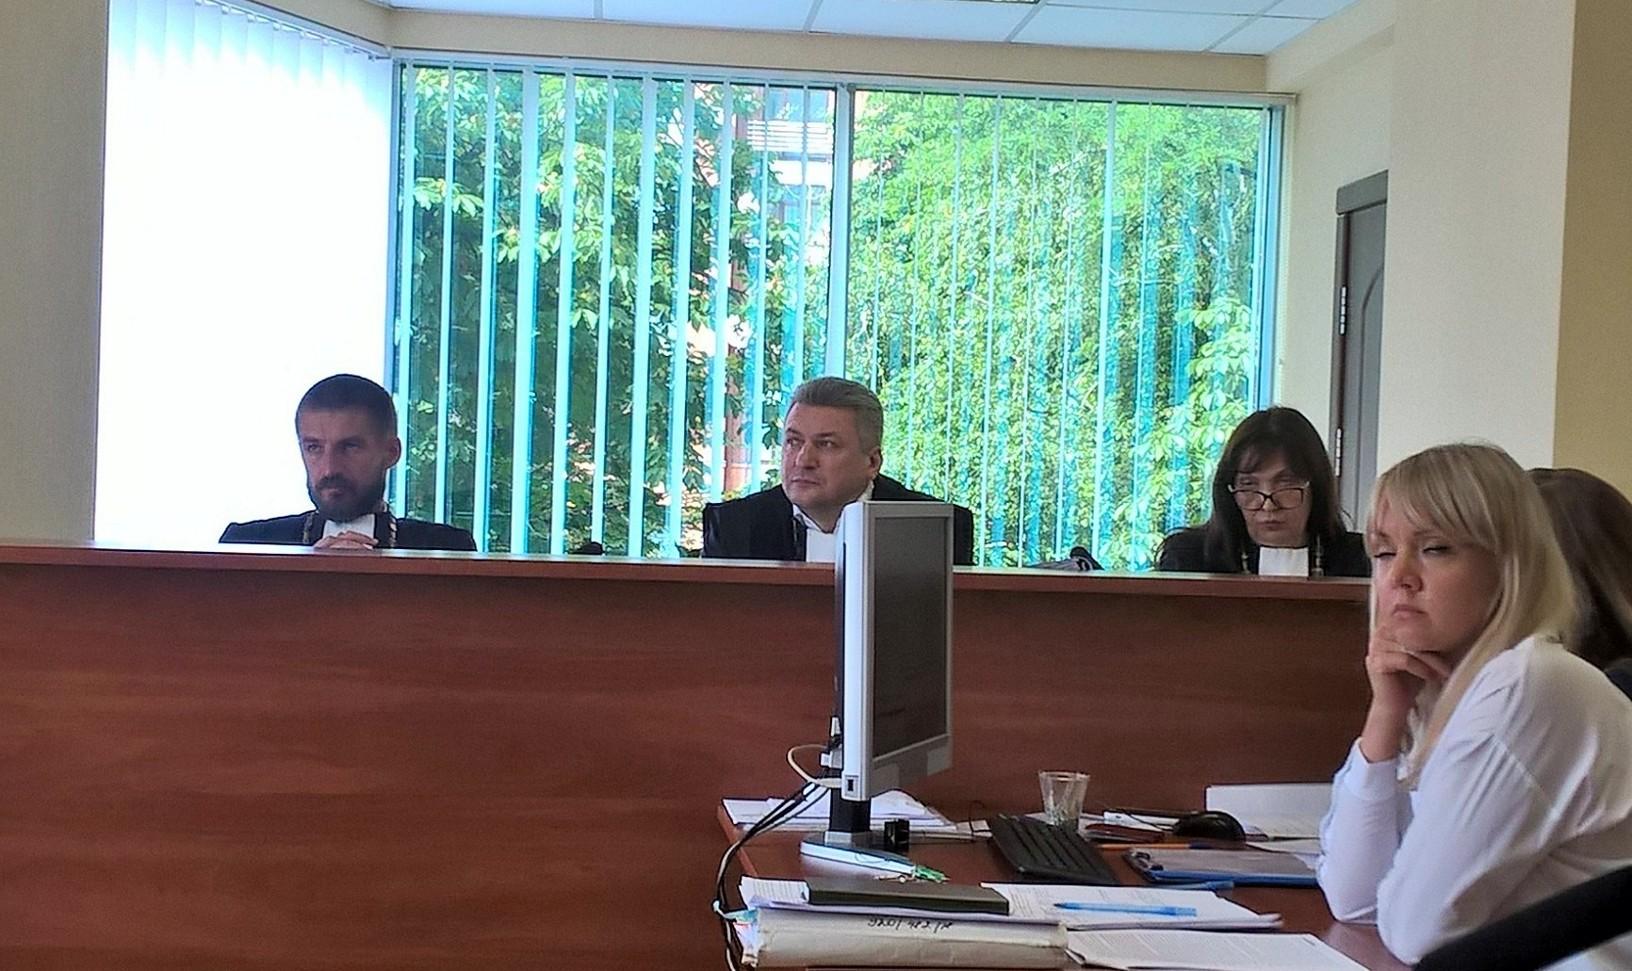 Бізнес-партнер скандального забудовника Репи намагається захопити земельну ділянку і ЖК у центрі Києва?